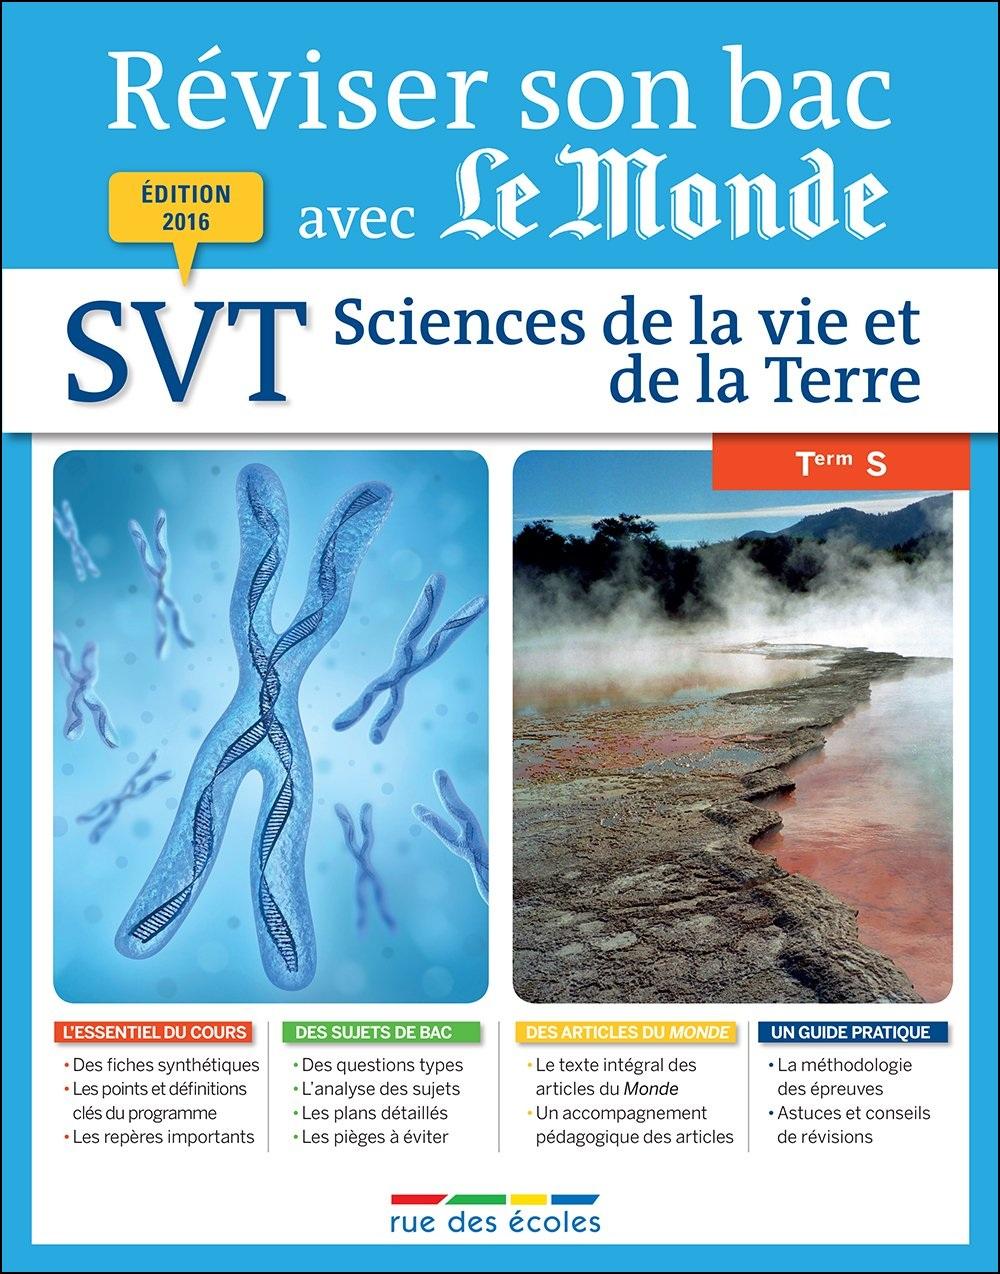 Réviser son bac avec Le Monde : Science de la Vie et de la Terre TS